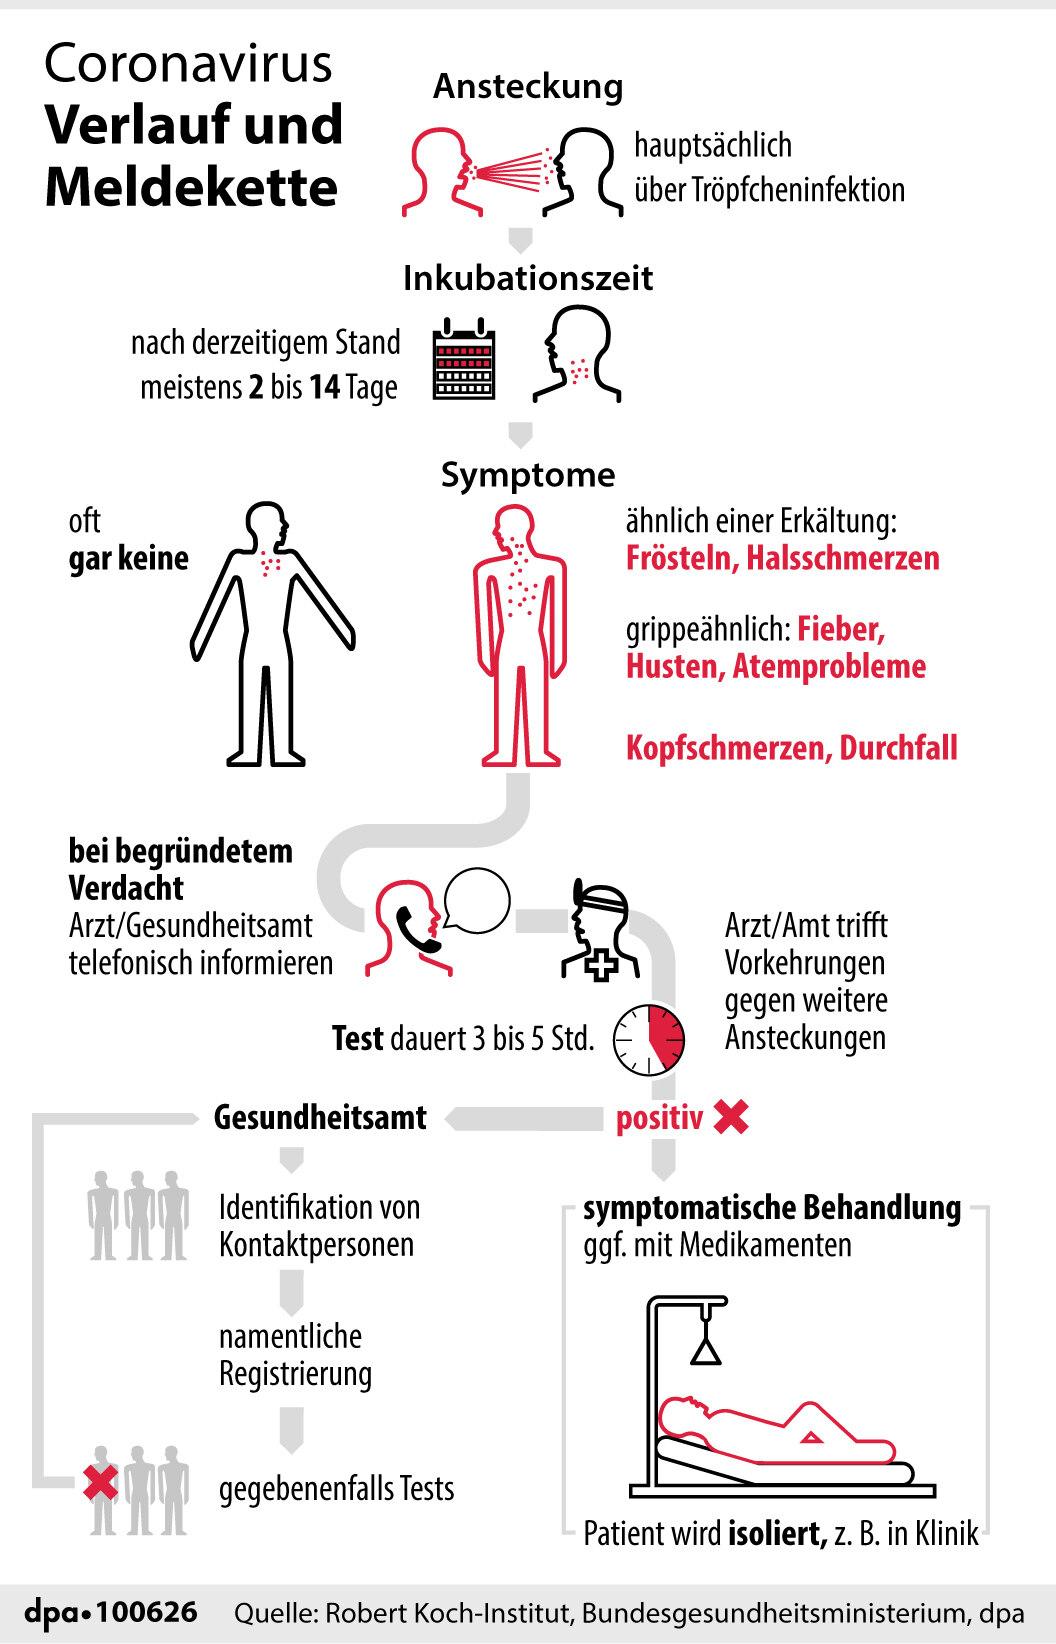 Infografik zum Verlauf und zur Meldekette: Man steckt sich hauptsächlich über Tröpfcheninfektion an, die Inkubationszeit beträgt 2 bis 14 Tage; die Symptome sind erkältungs- und grippeähnlich; bei Verdacht telefonisch Gesundheitsamt/Arzt informieren